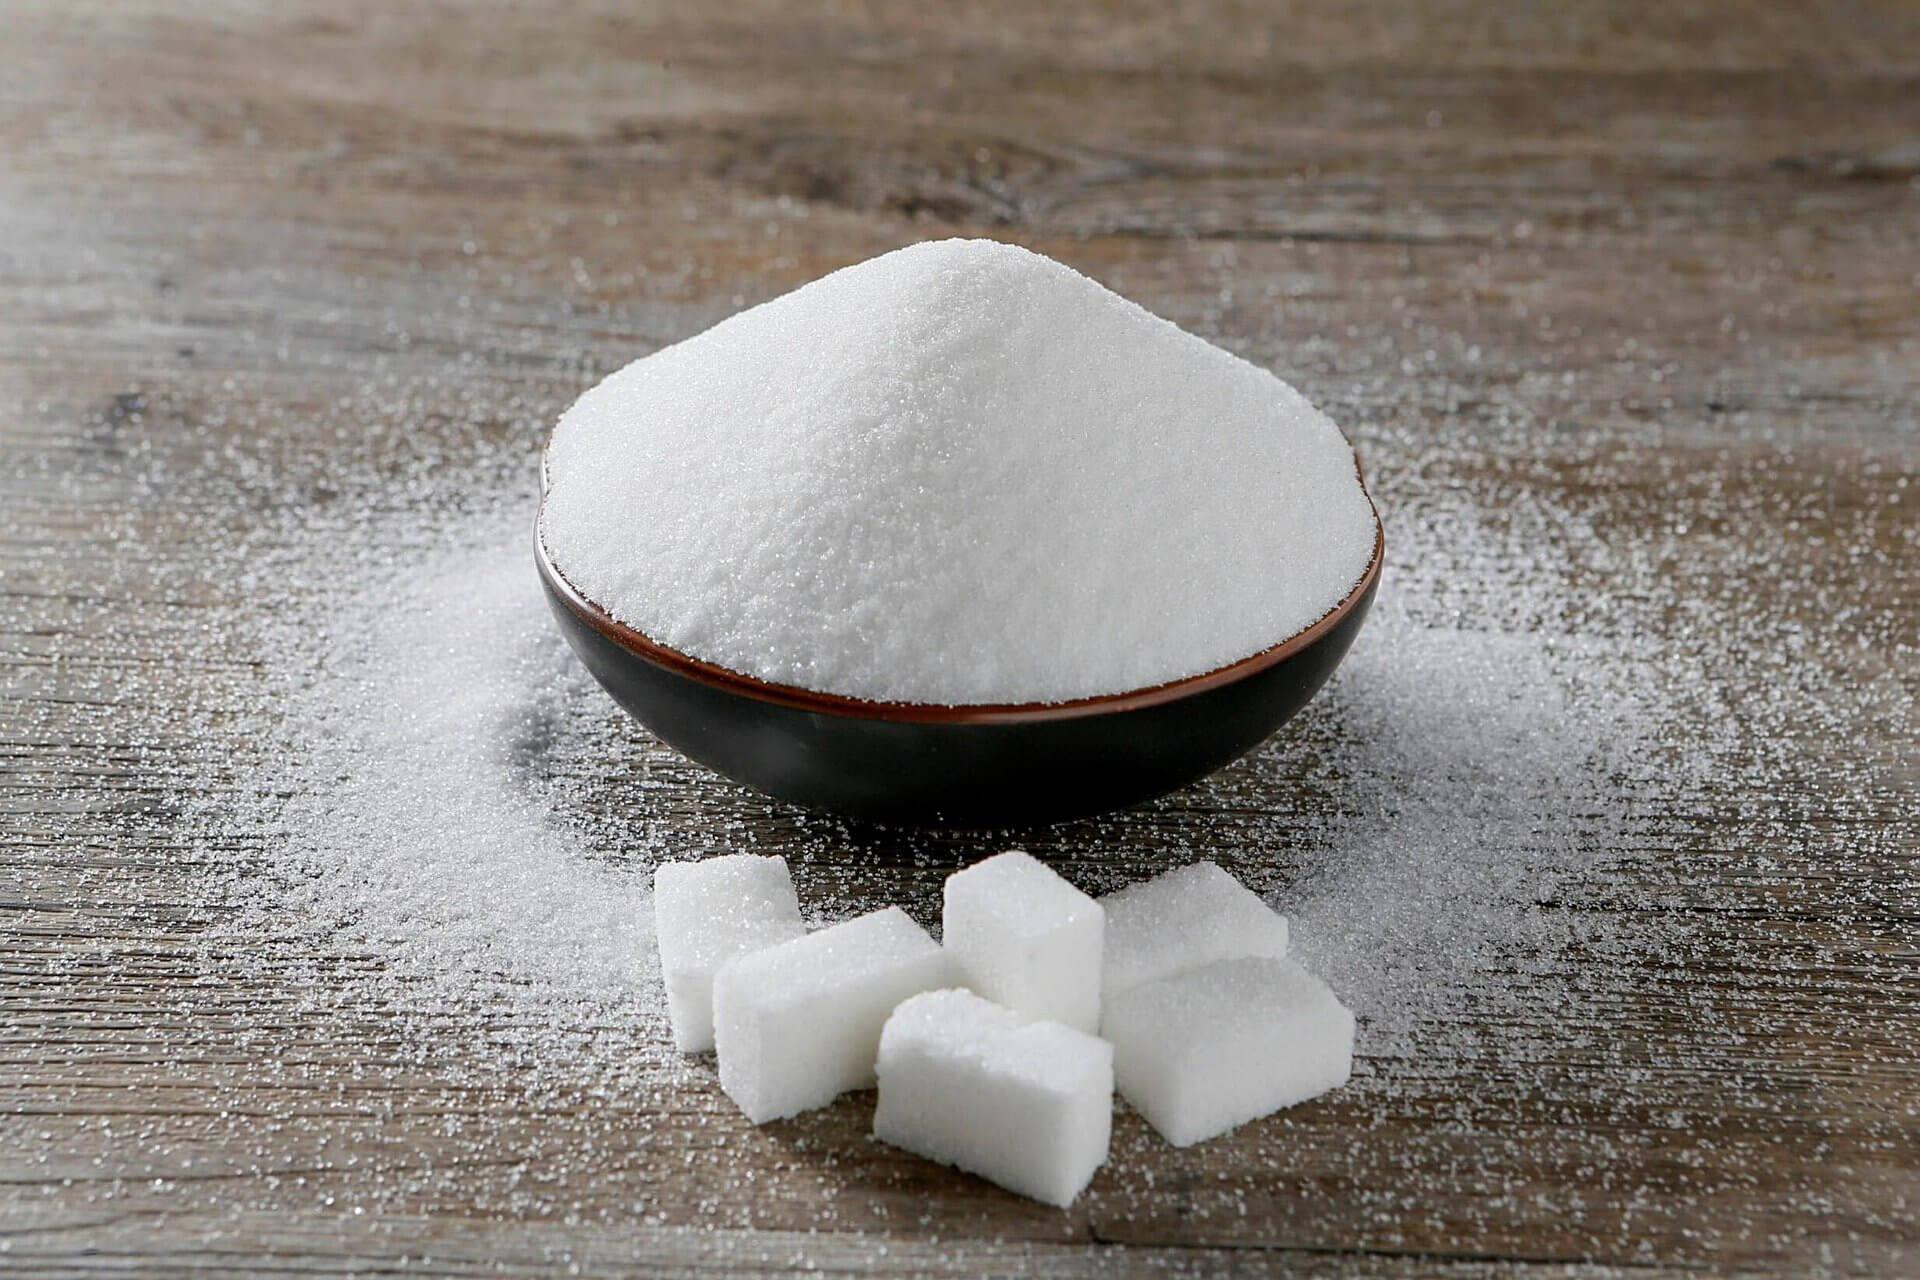 Le sucre dans le syndrome de famine interne